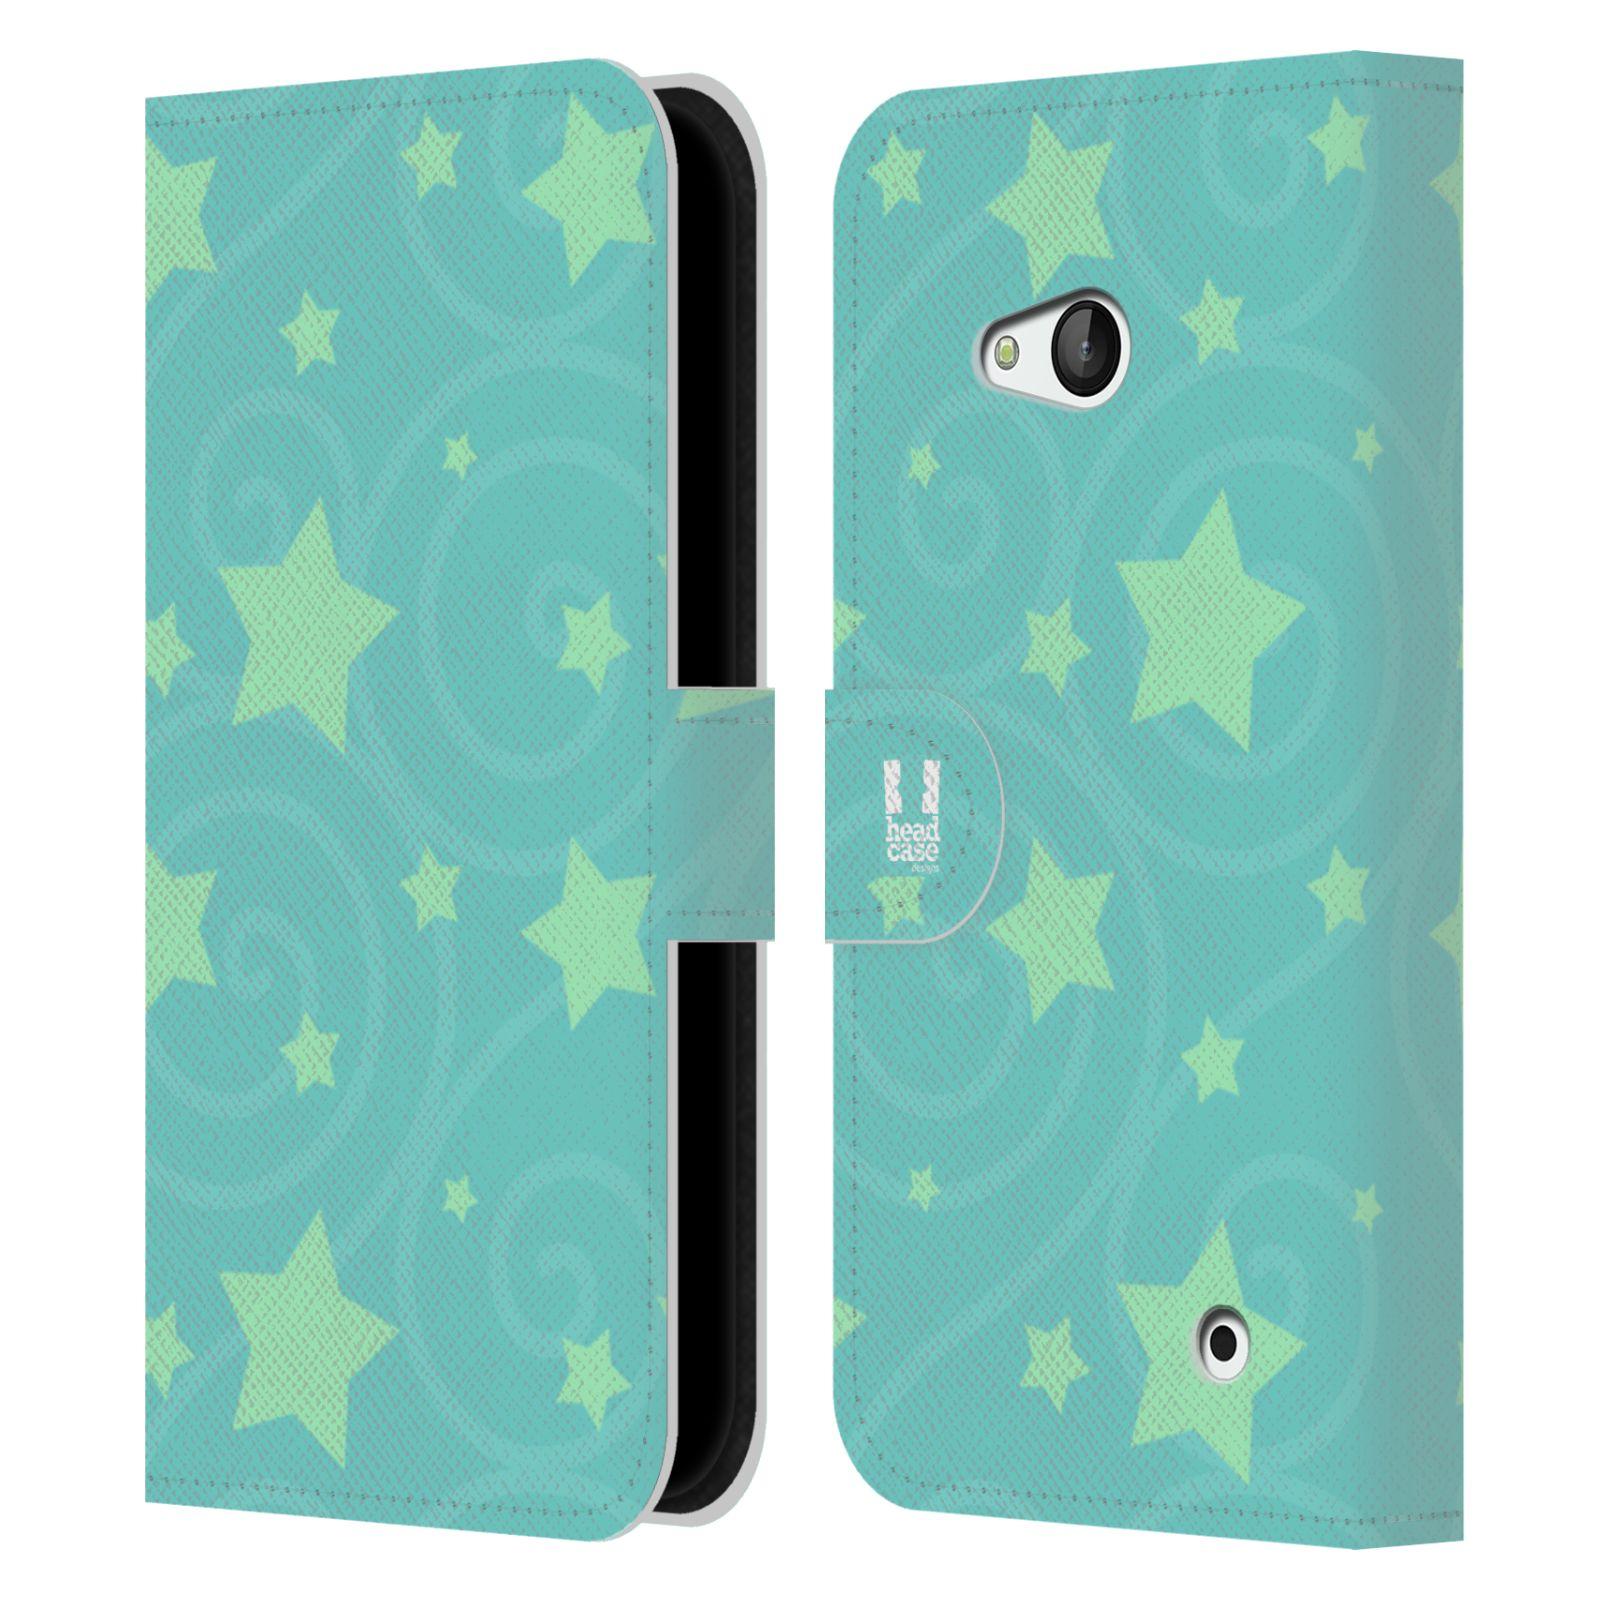 HEAD CASE Flipové pouzdro pro mobil NOKIA / MICROSOFT LUMIA 640 / LUMIA 640 DUAL vzor hvězdičky modrá